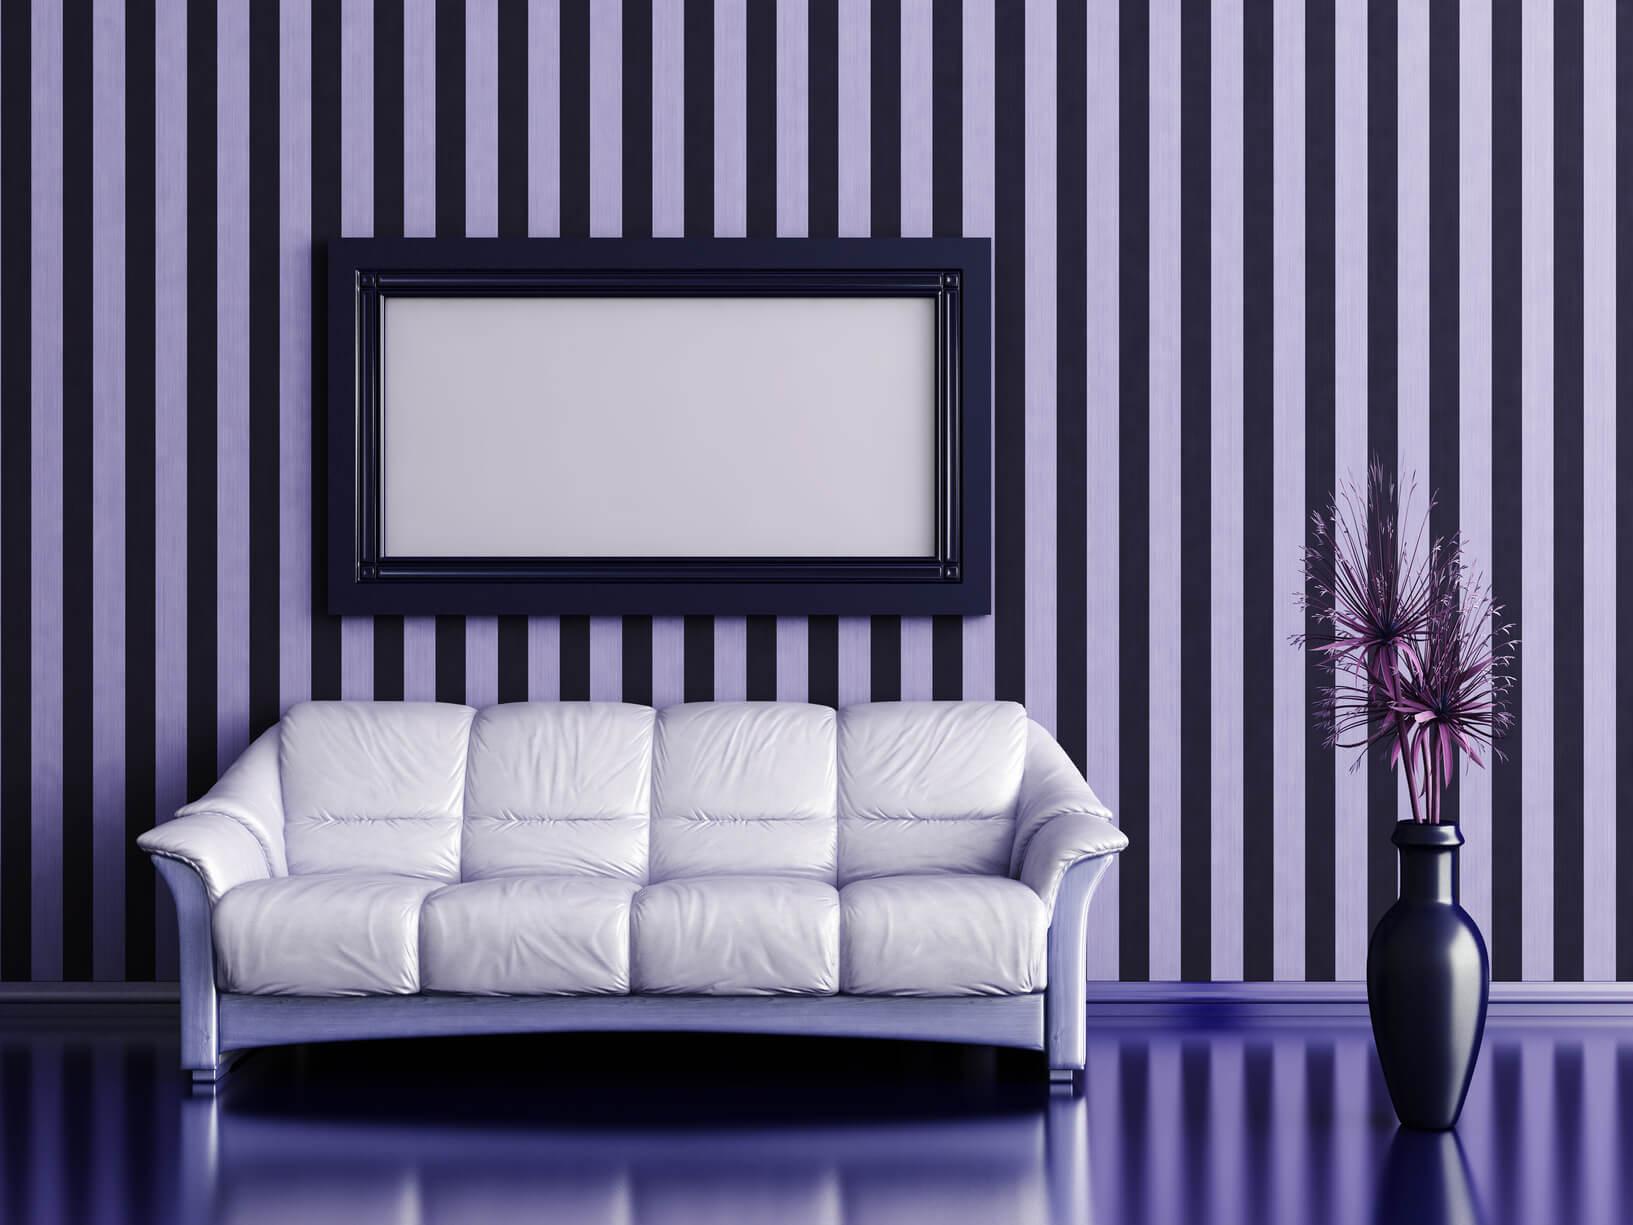 C mo pintar rayas en la pared trucos y consejos como - Disenos para pintar paredes ...